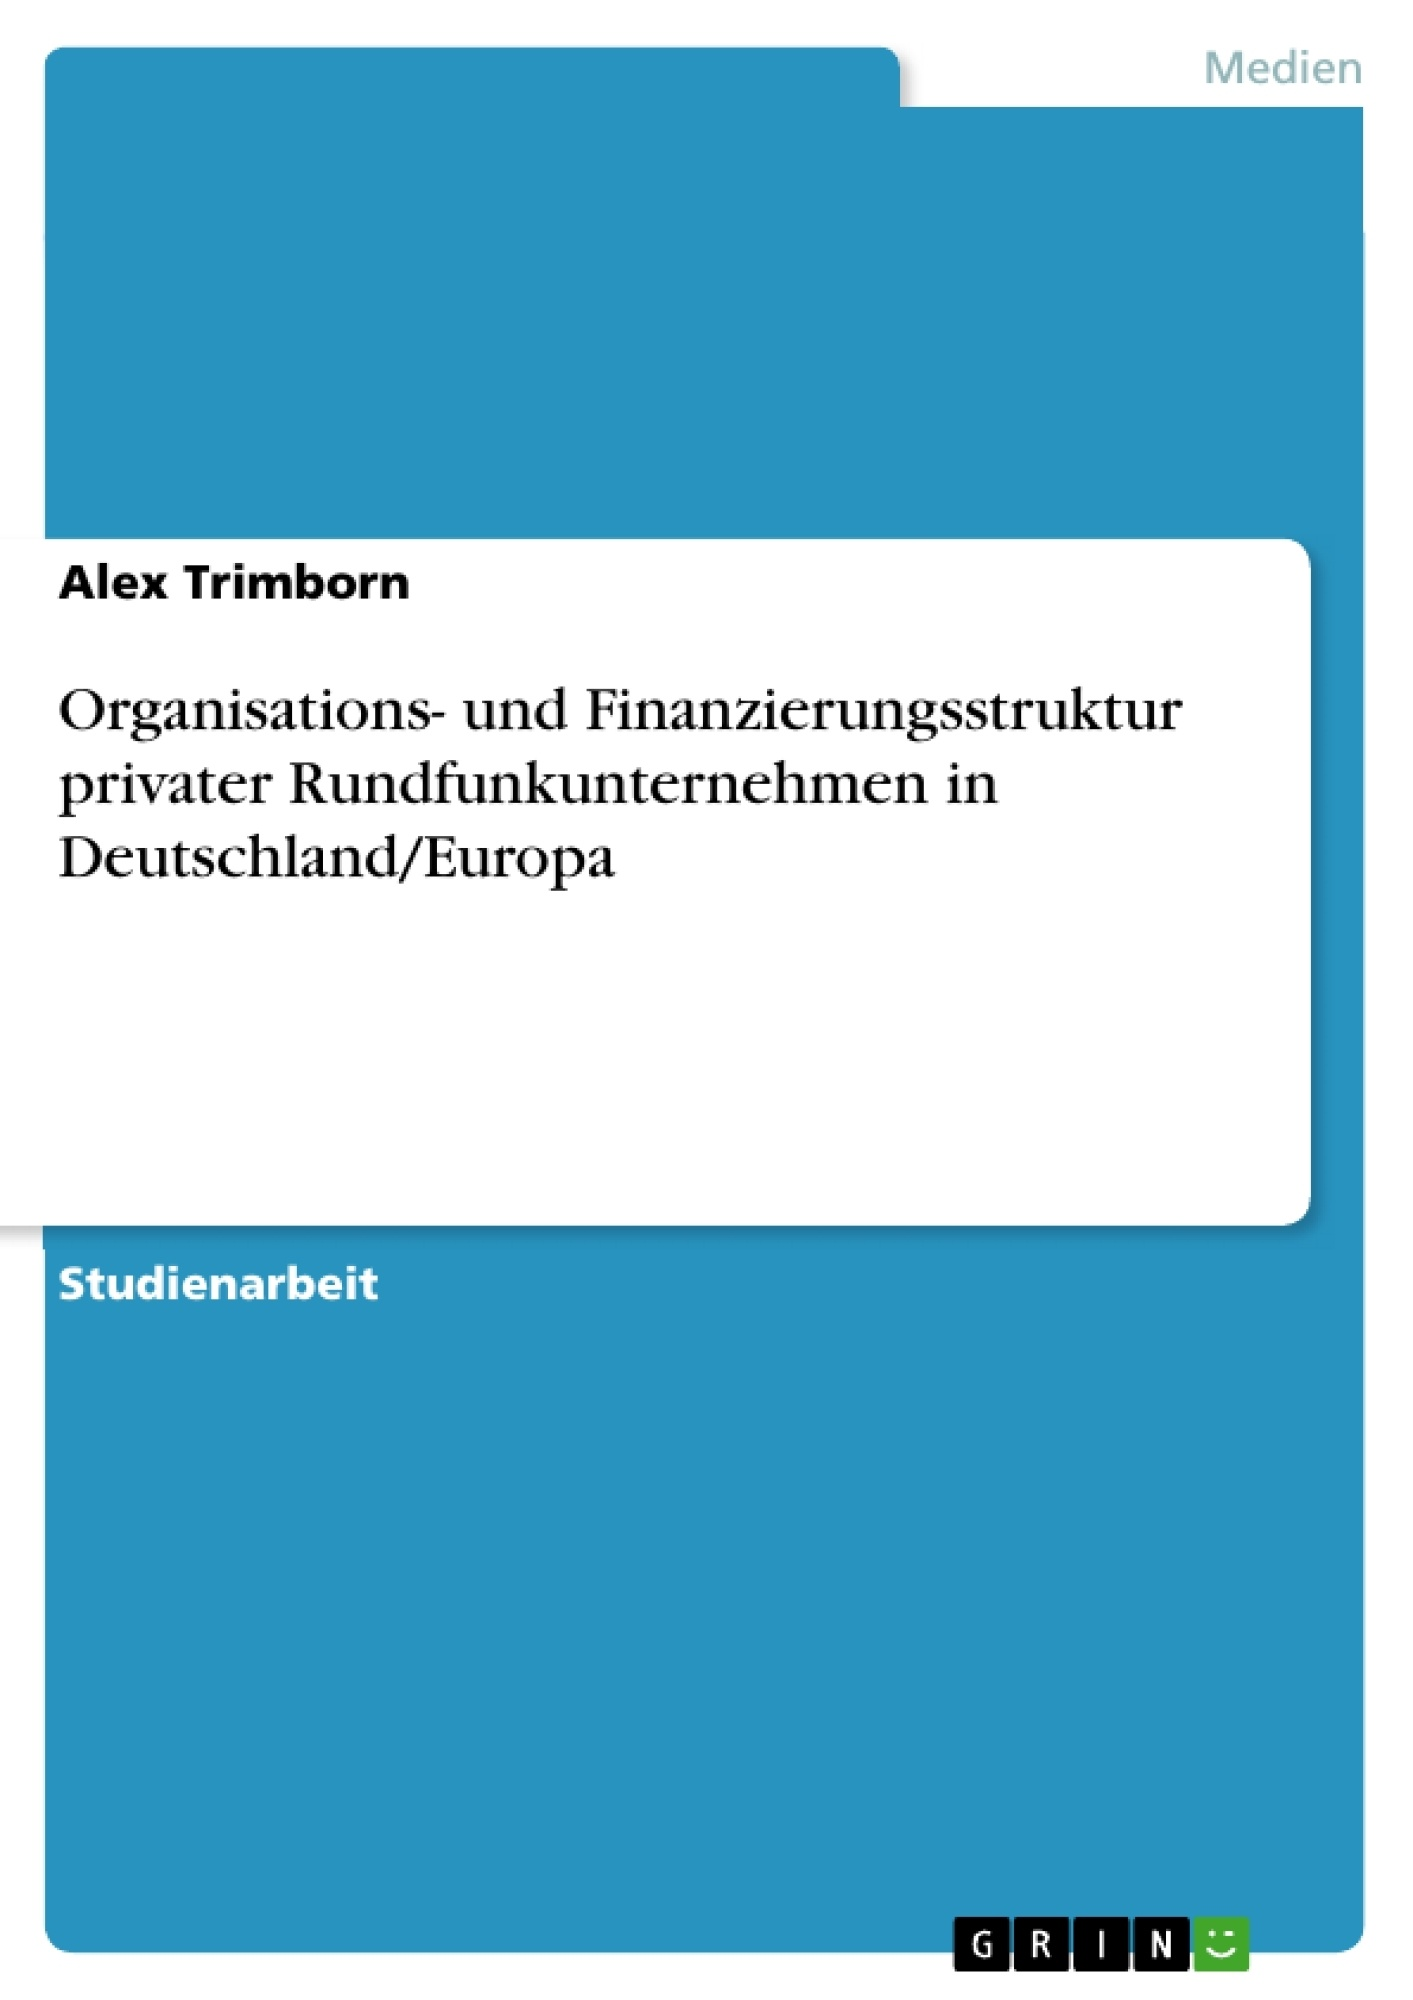 Titel: Organisations- und Finanzierungsstruktur privater Rundfunkunternehmen in Deutschland/Europa